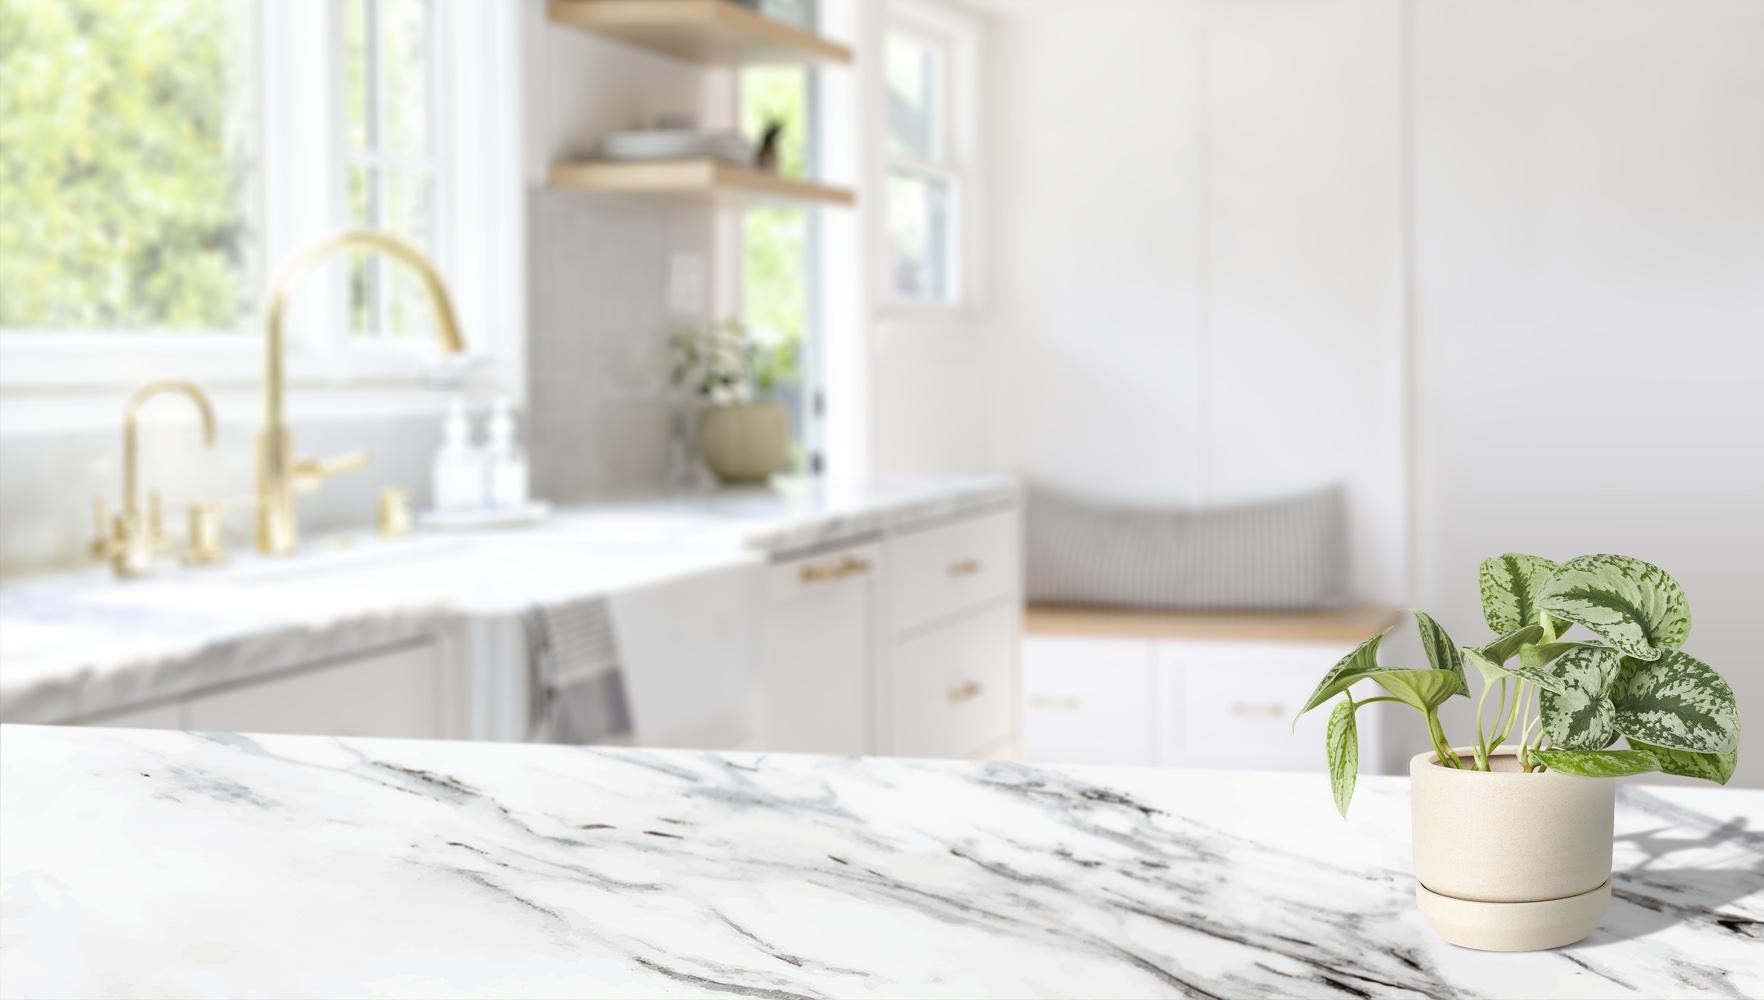 نظافت و مراقبت از میزهای مرمر